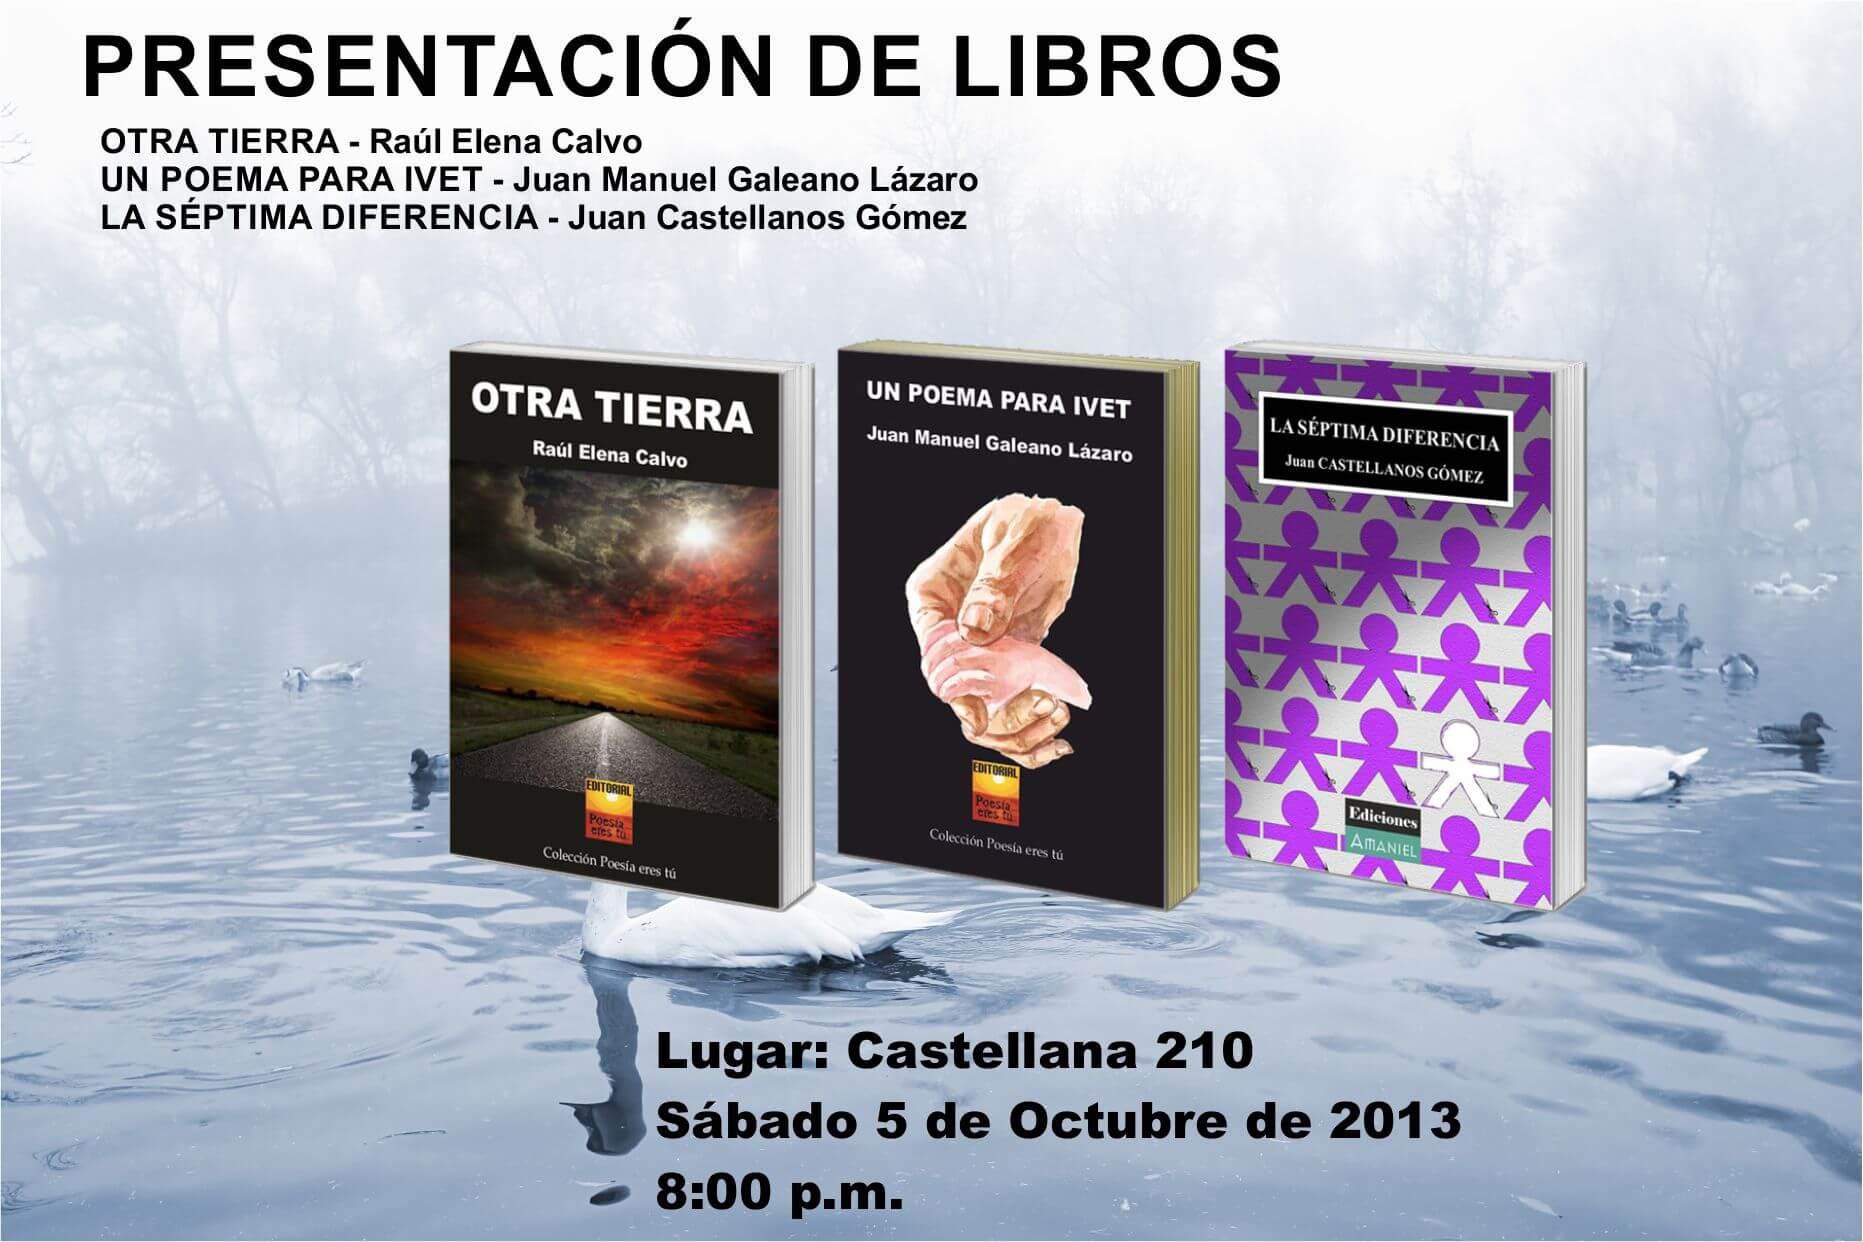 Video anuncio: Presentaciones de libros día 4 de Octubre - Cartel5deOctubre2013 - Video anuncio: Presentaciones de libros día 4 de Octubre